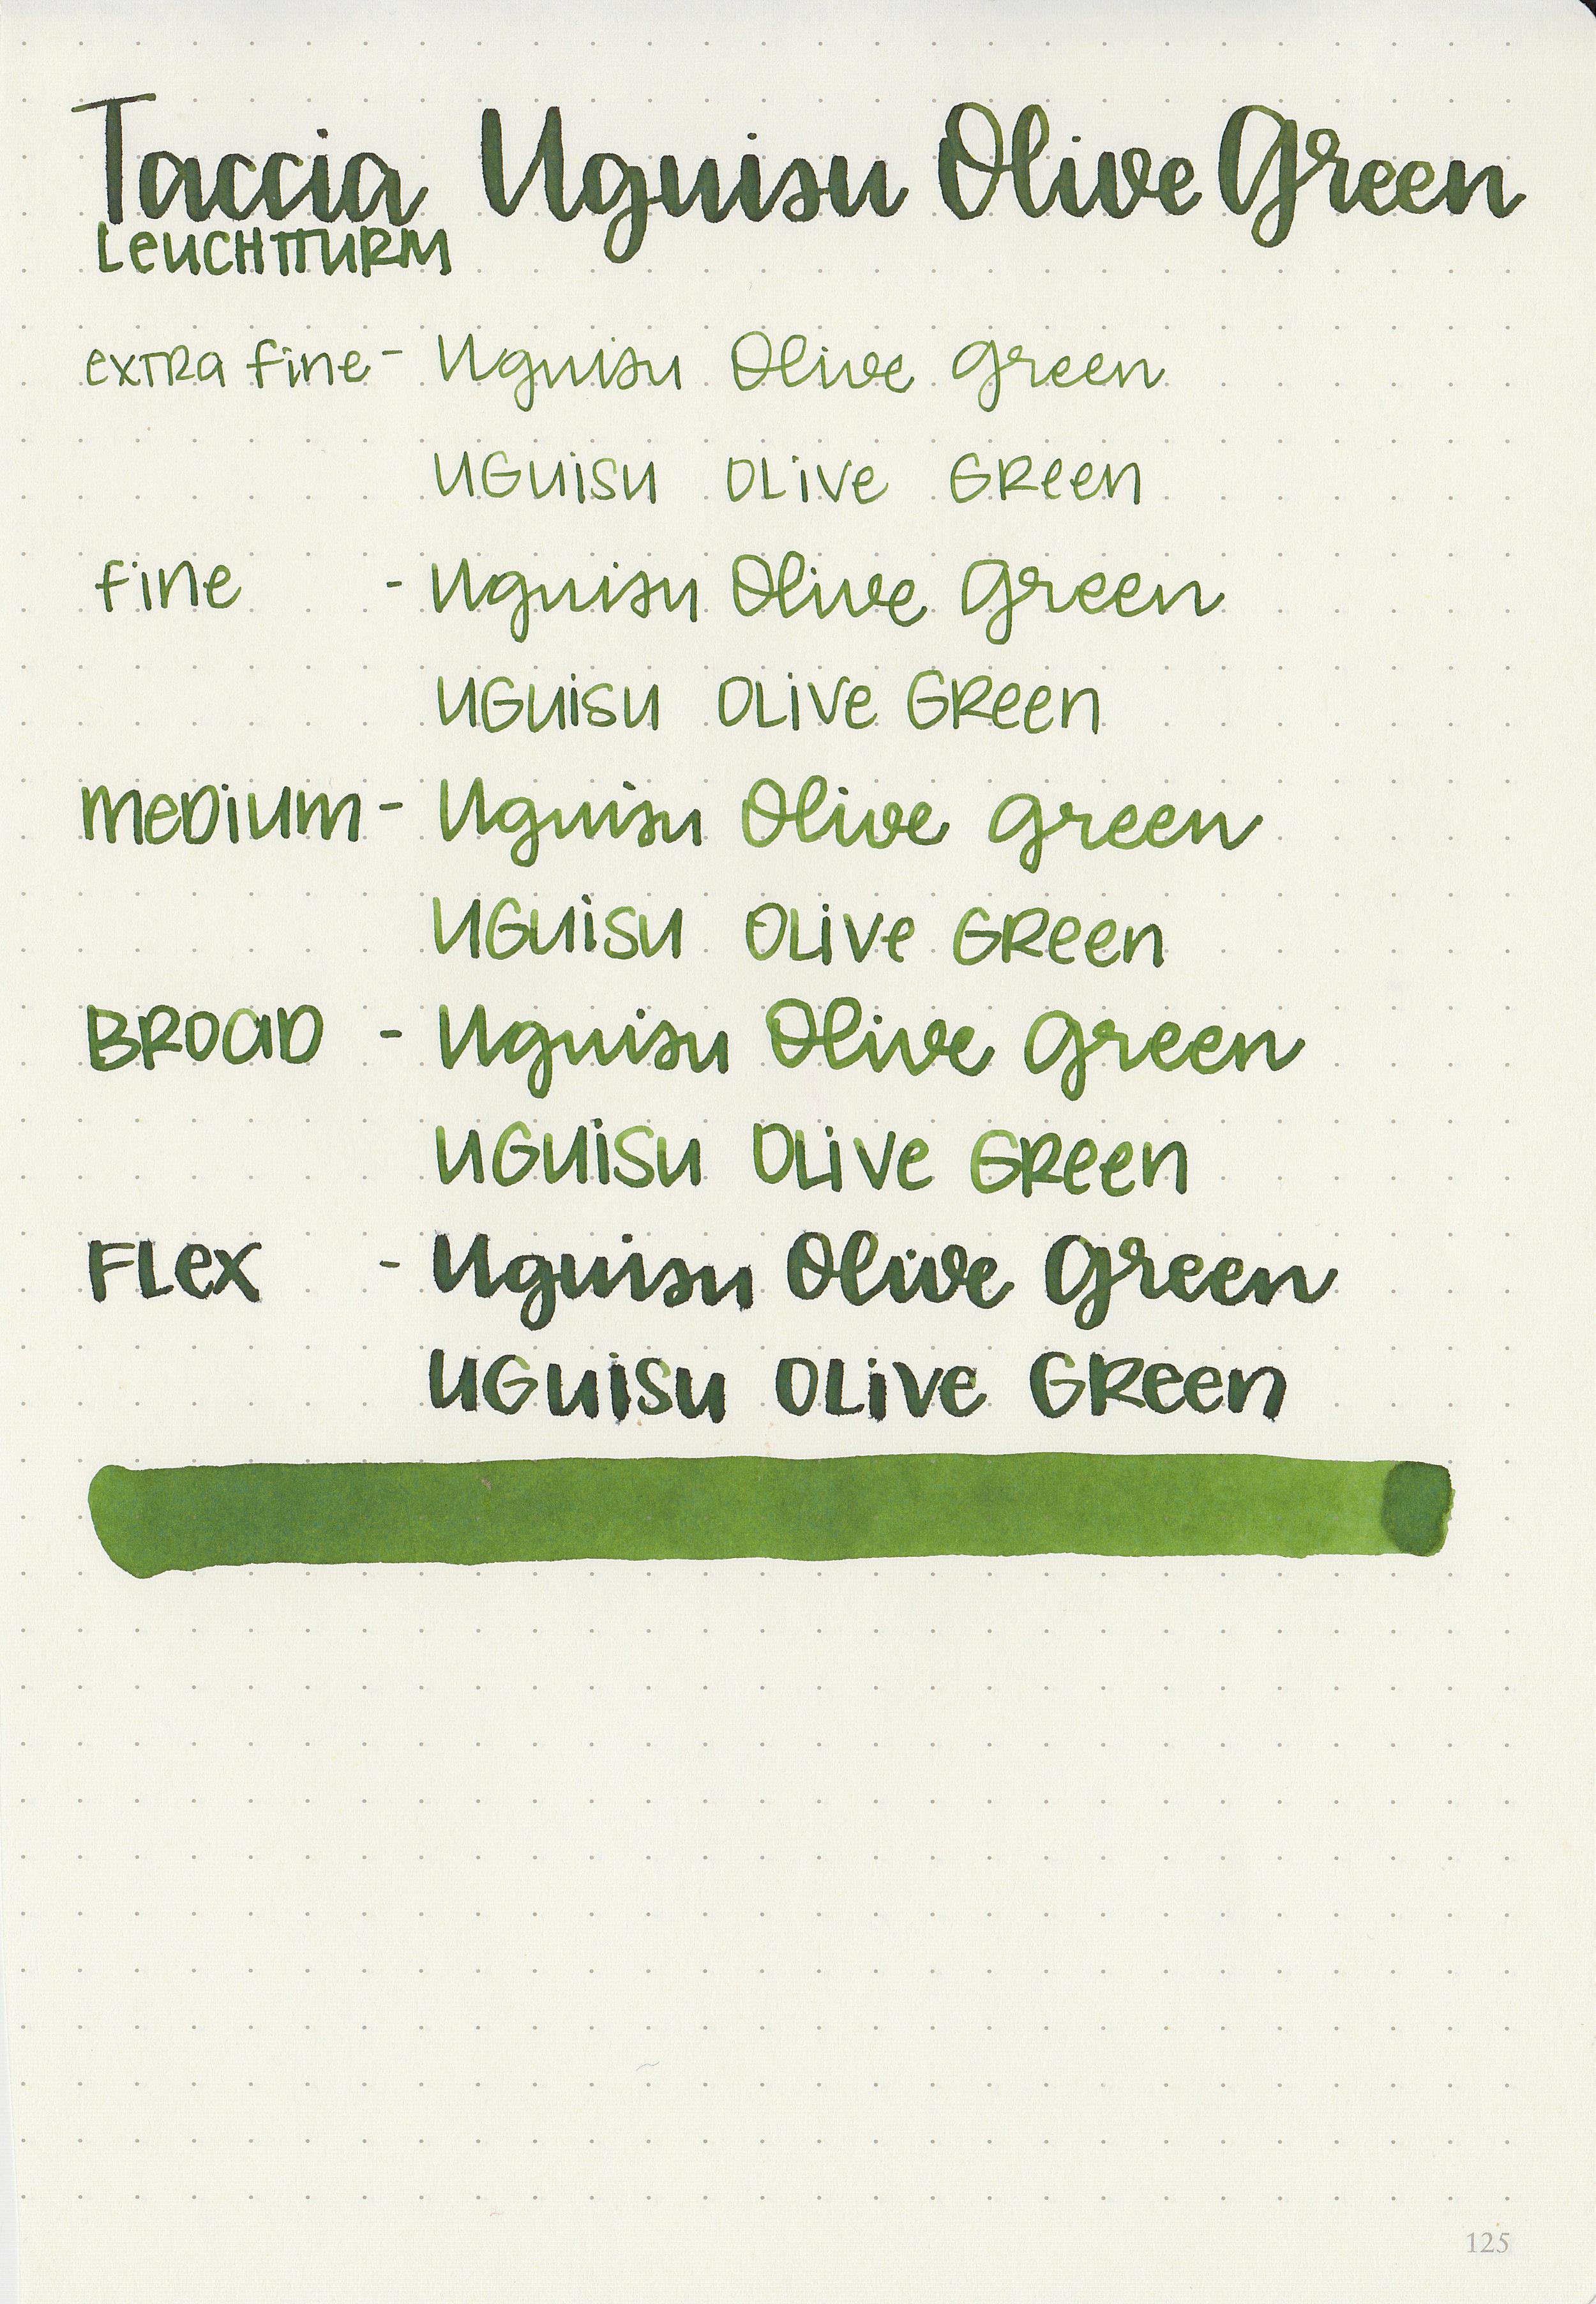 tac-uguisu-olive-green-9.jpg